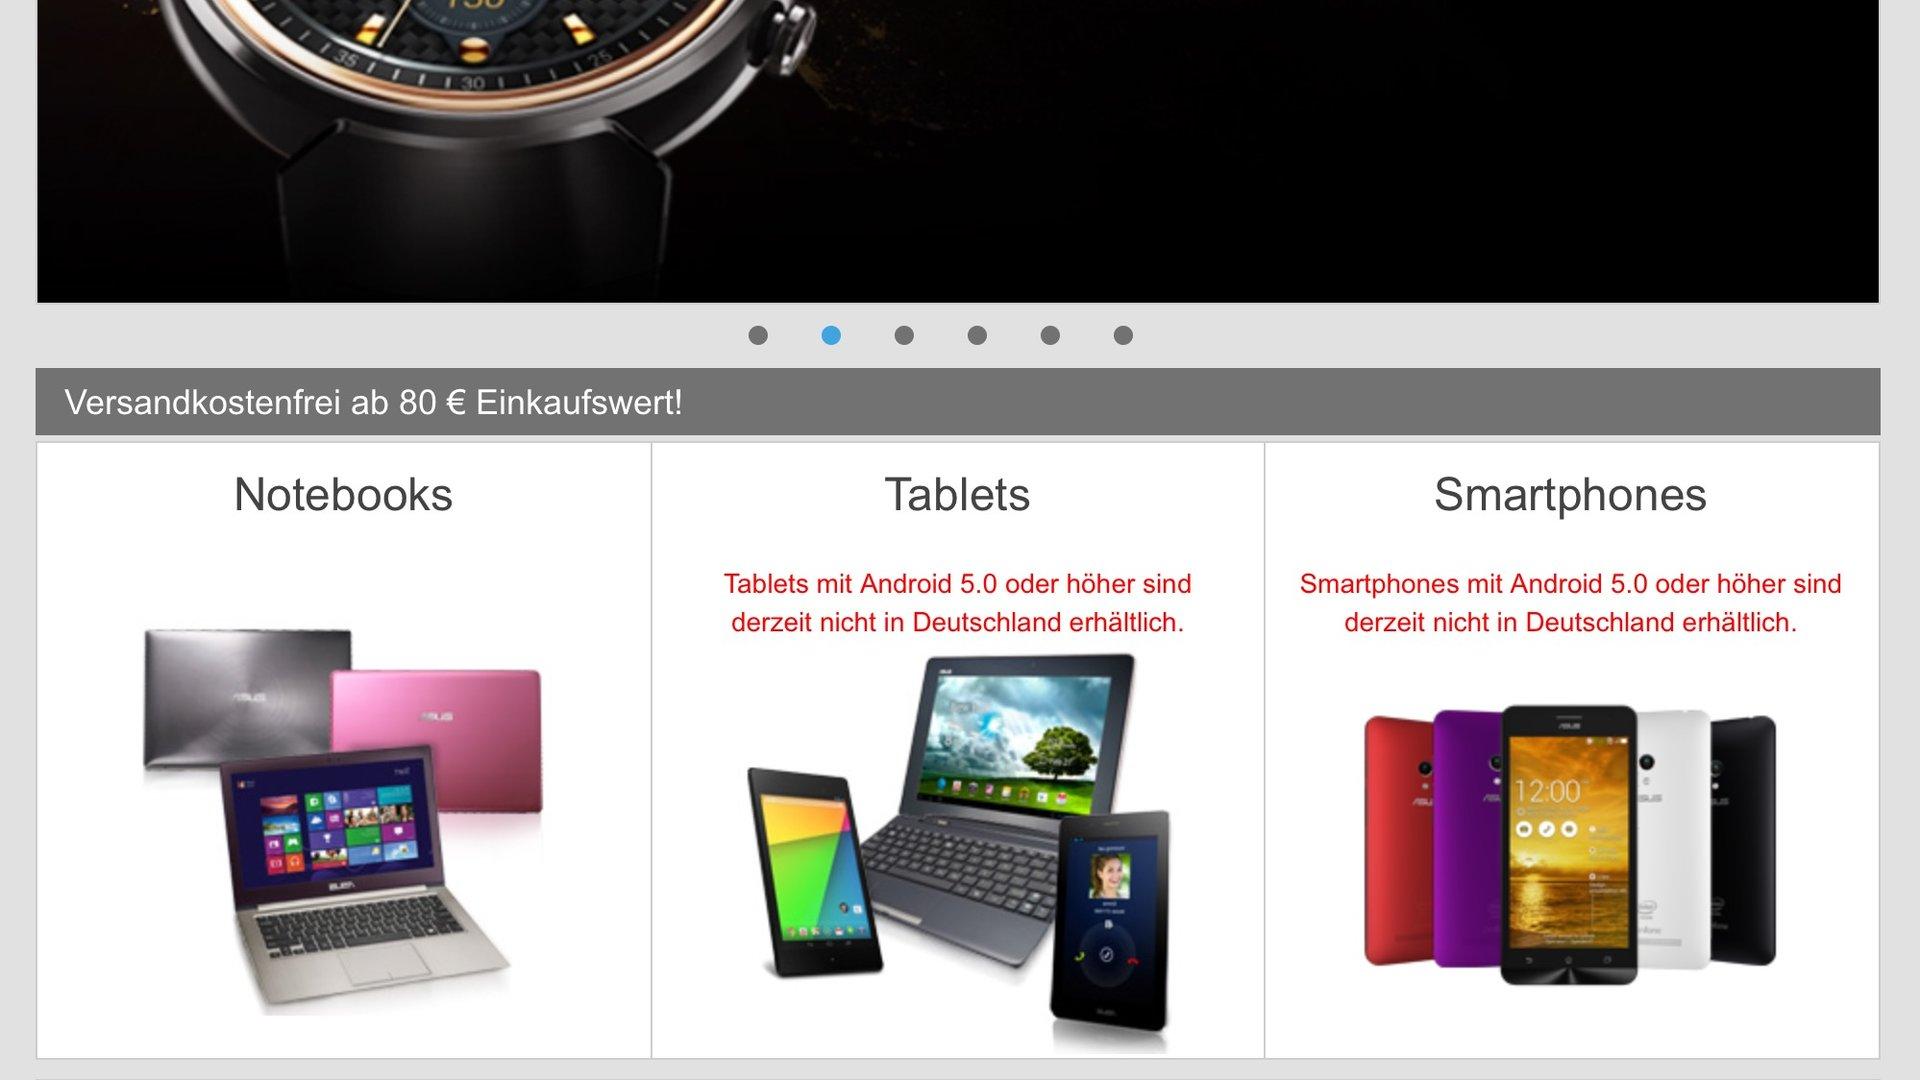 Im Asus-Shop sind Smartphones und Tablets aktuell nicht erhältlich